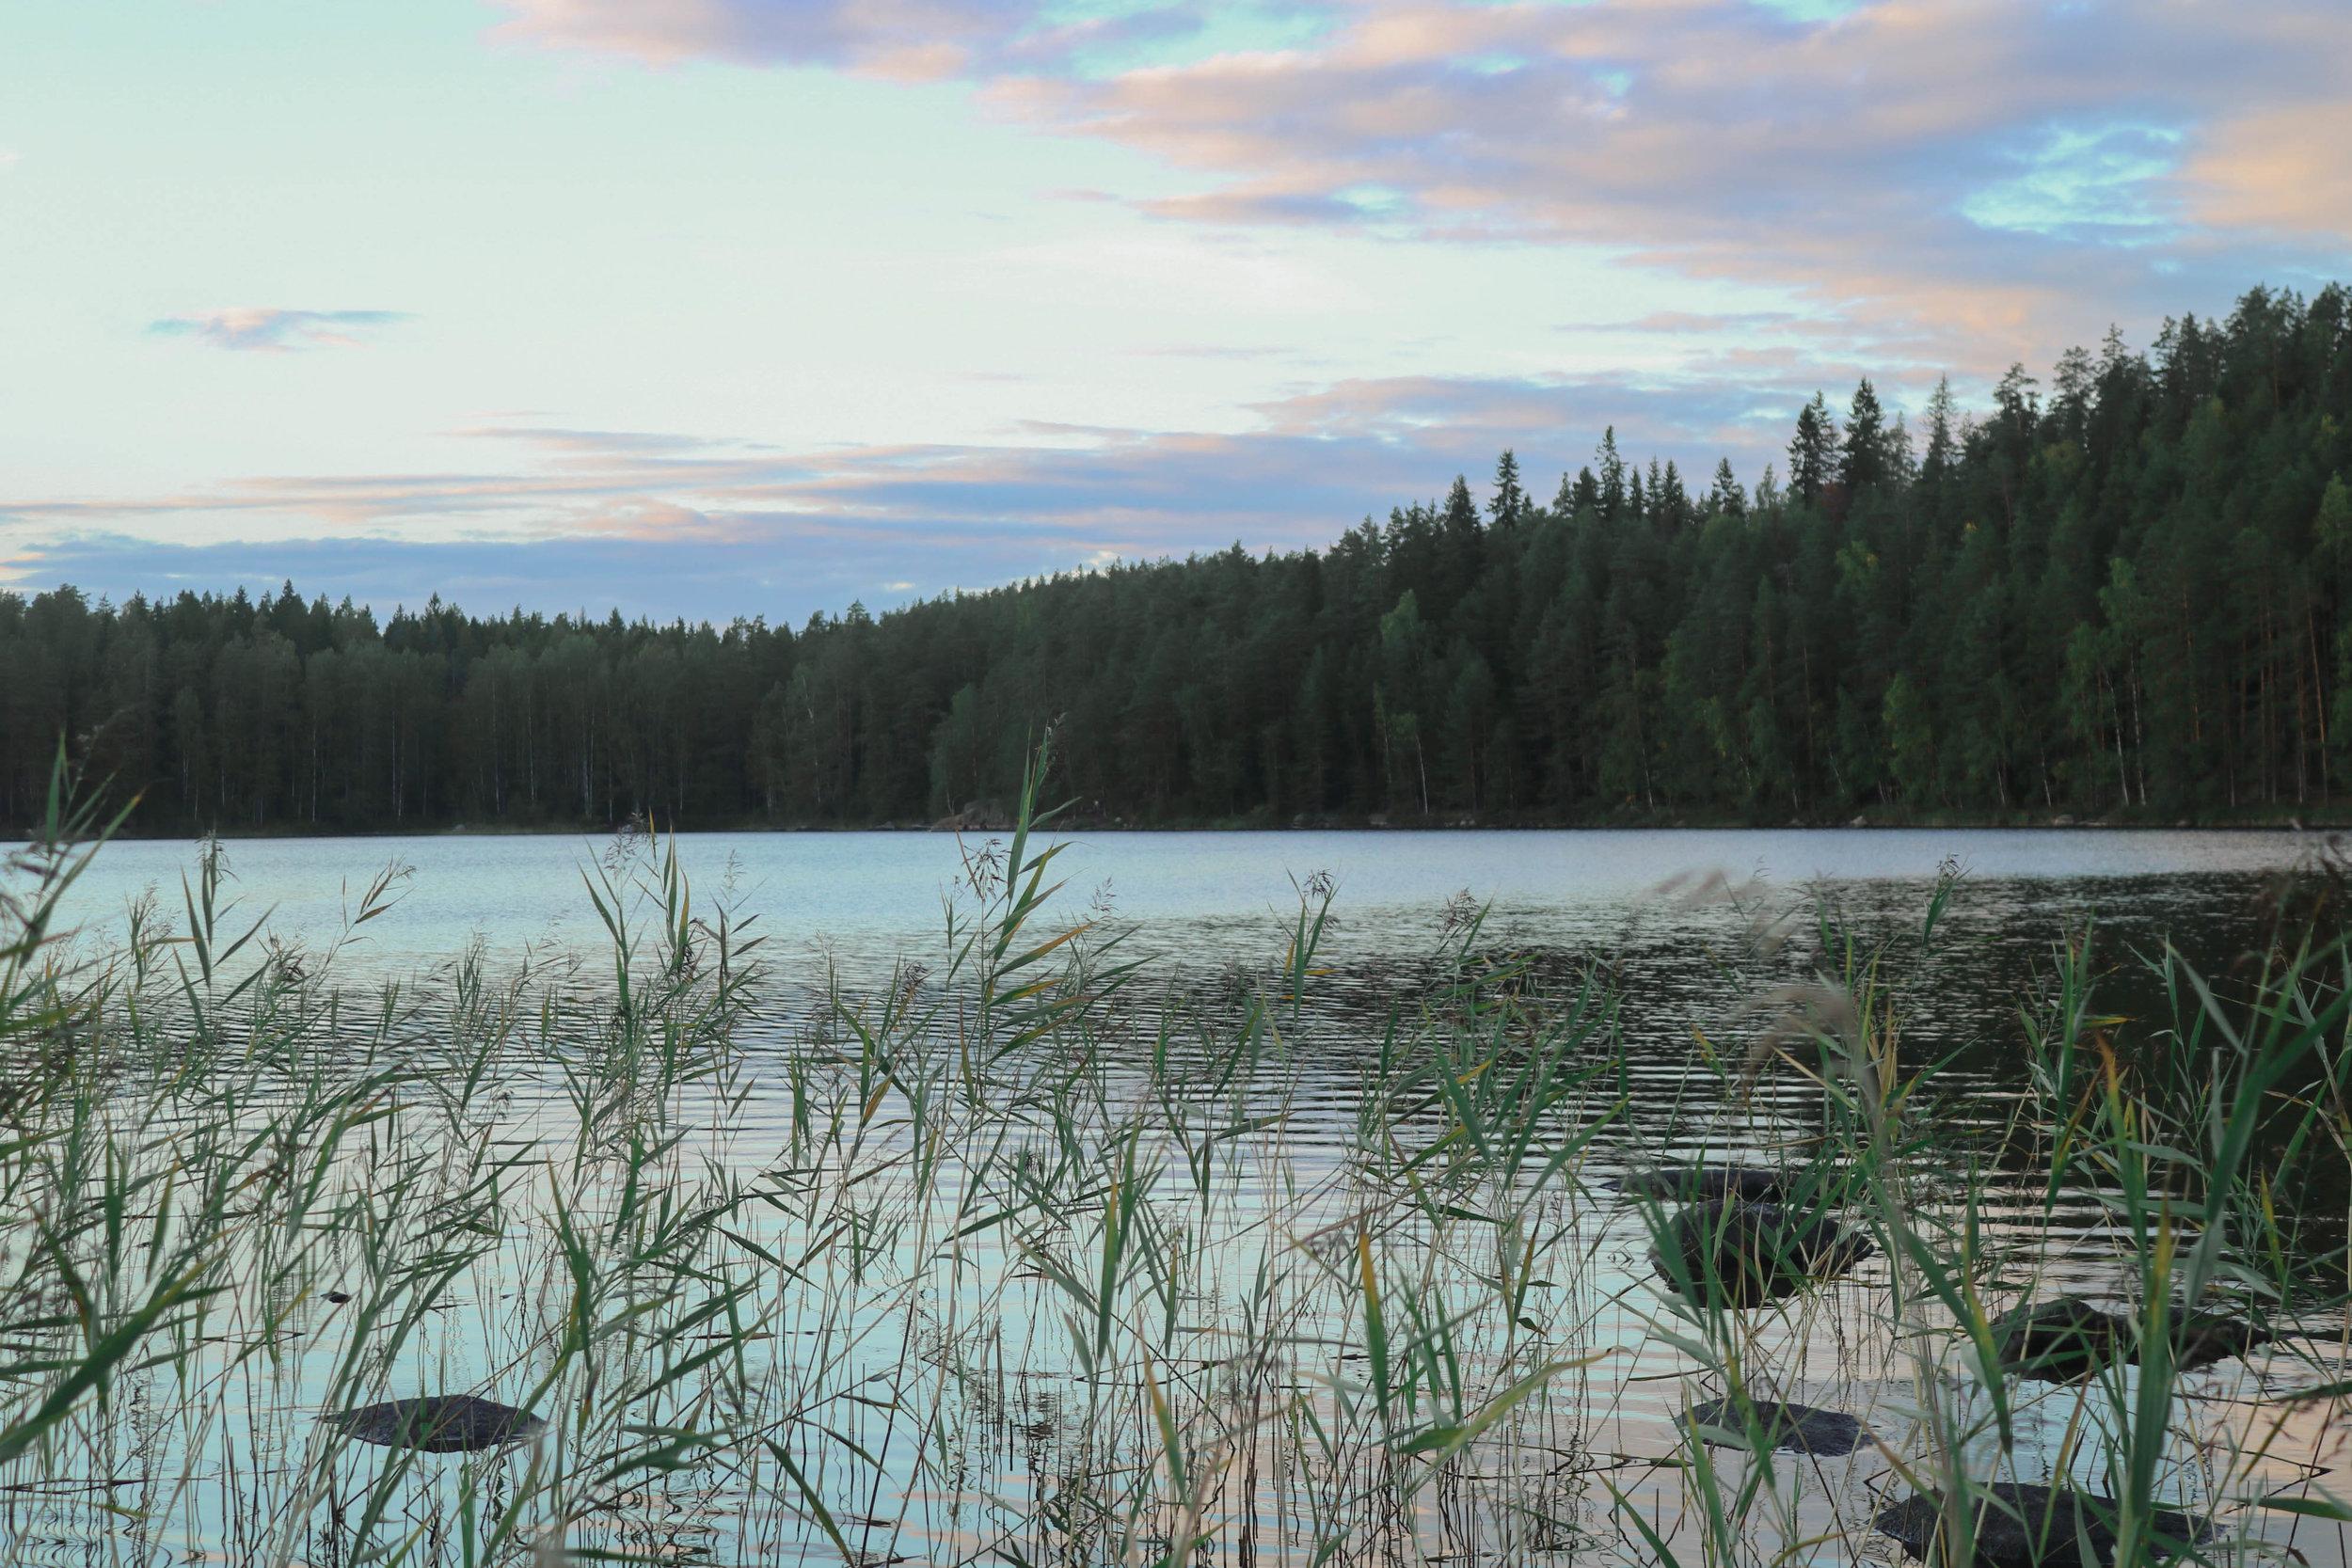 repoveden_kansallispuisto.jpg